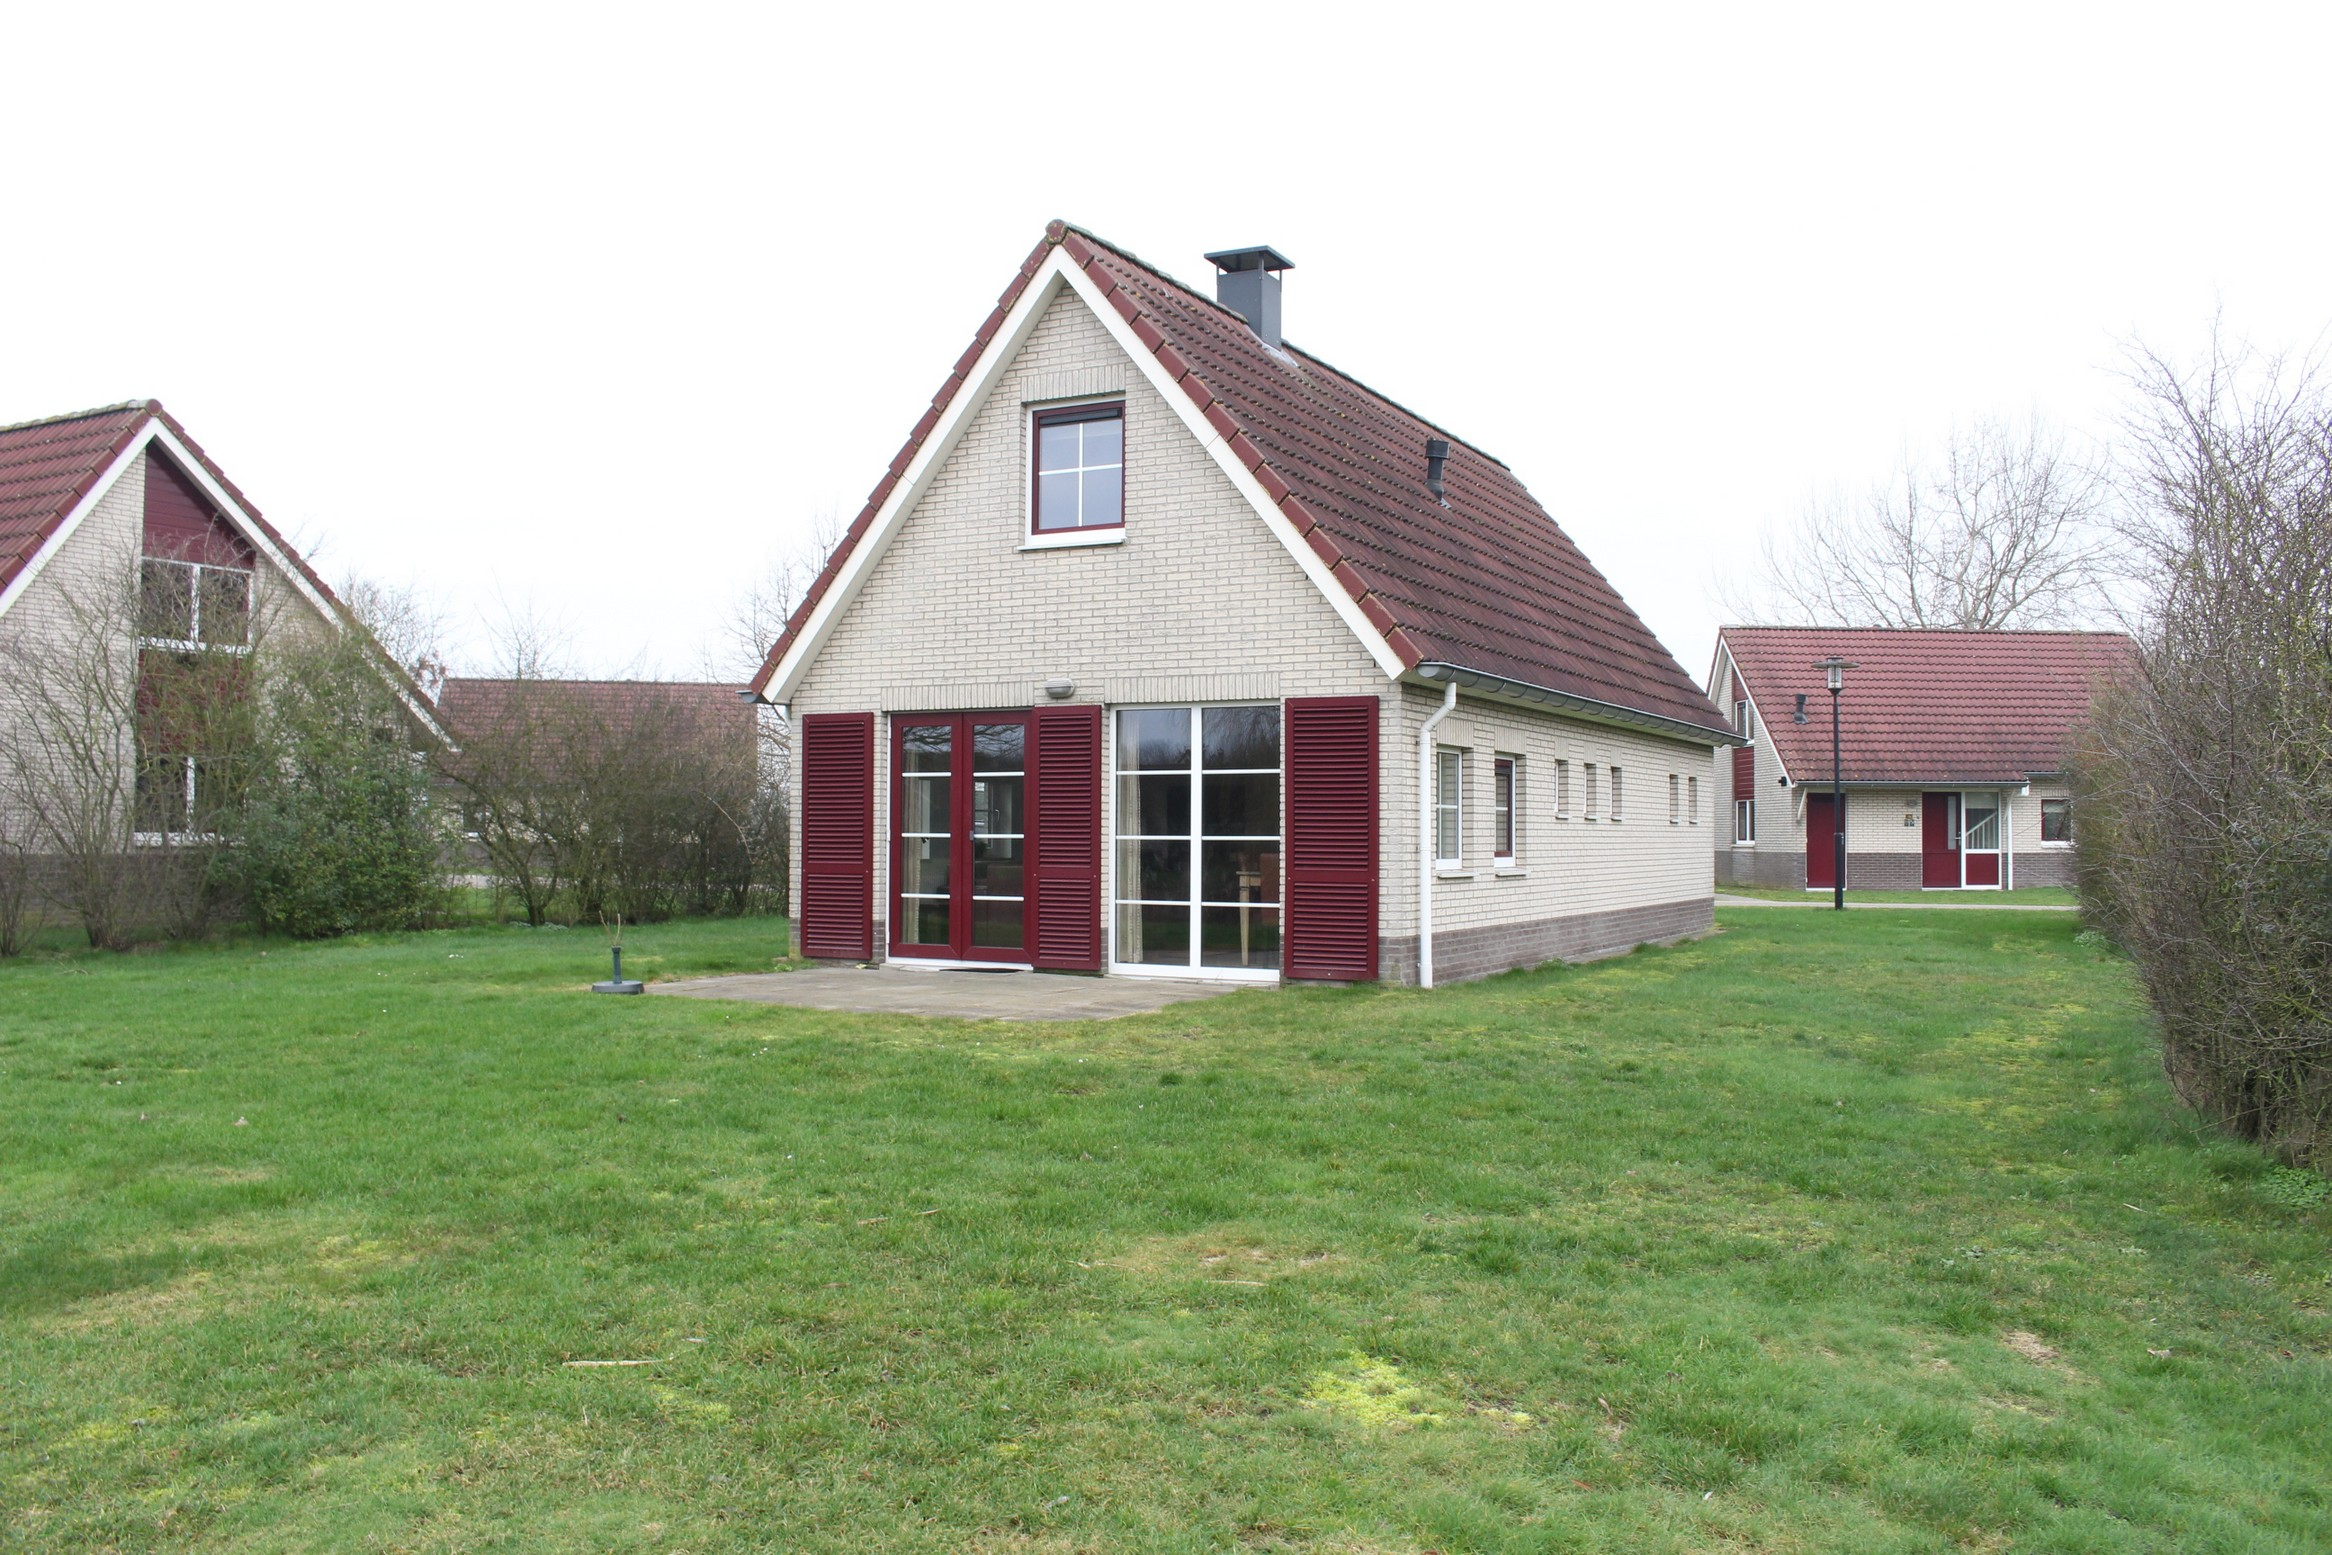 1. Buitenhuis 193, type Siluur 6-persoons Comfort (SR377)